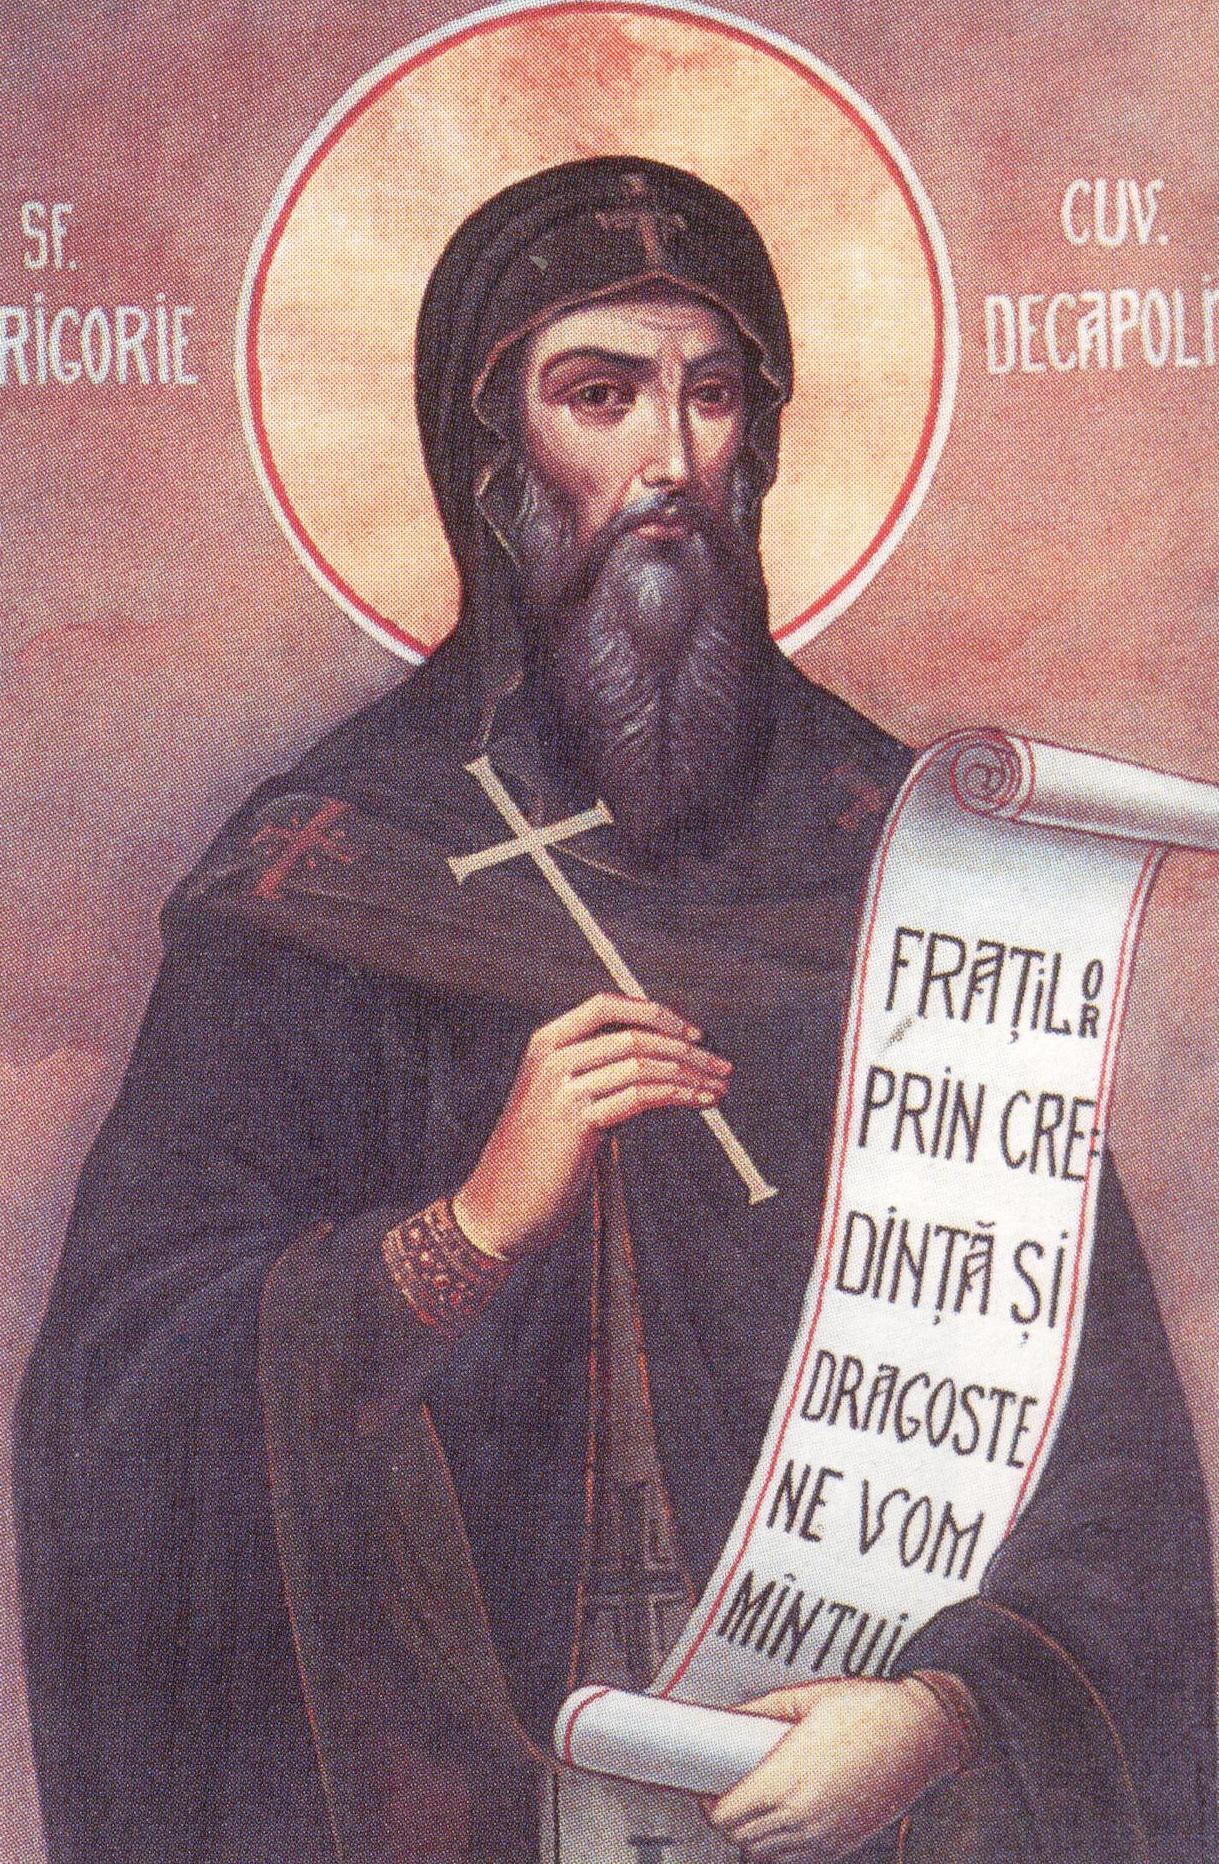 Ο άγιος Γρηγόριος ο Δεκαπολίτης.